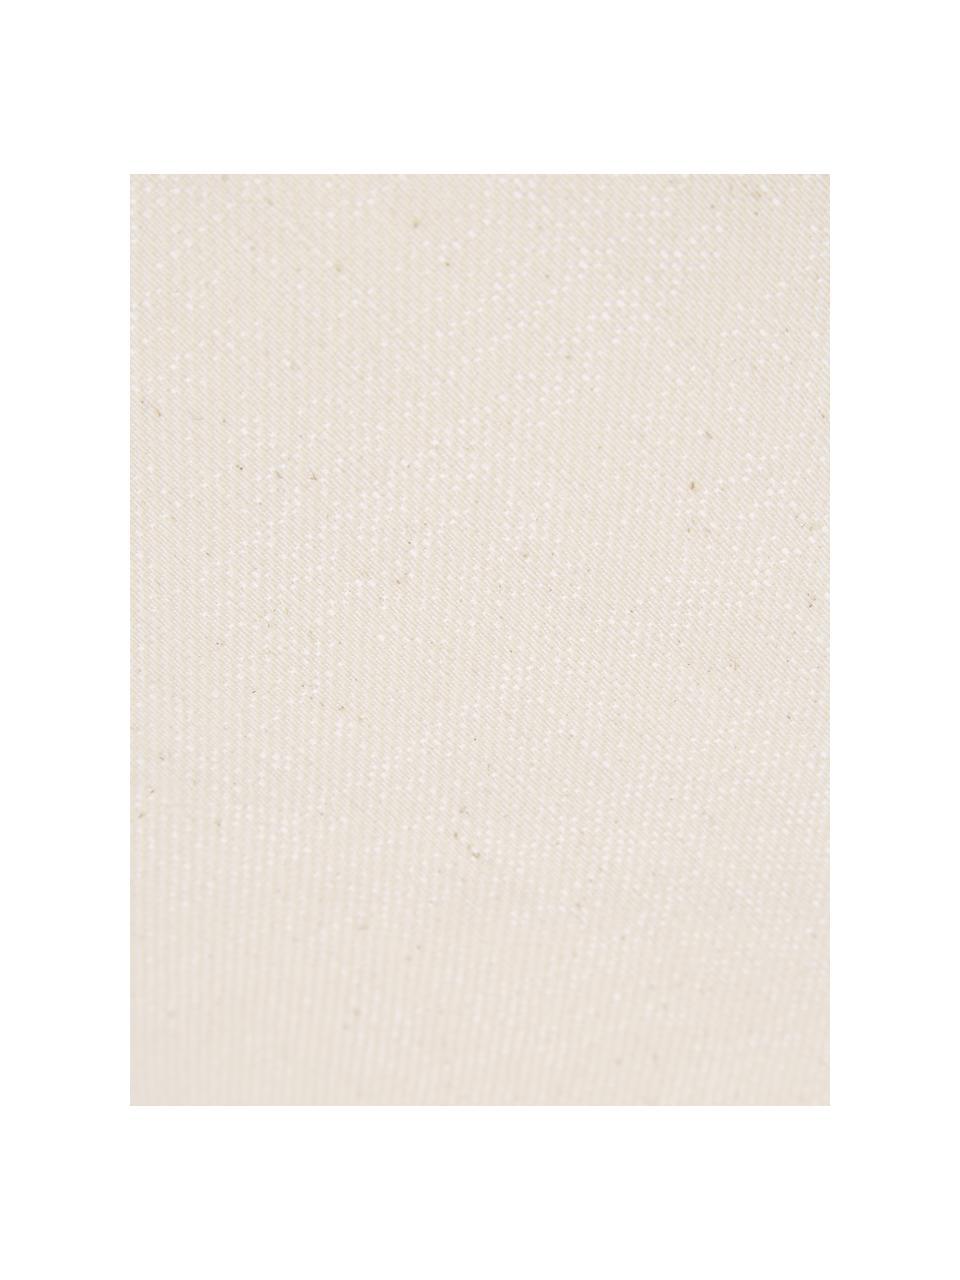 Kussenhoes Tine met franjes, Weeftechniek: jacquard, Lichtbeige, 30 x 50 cm